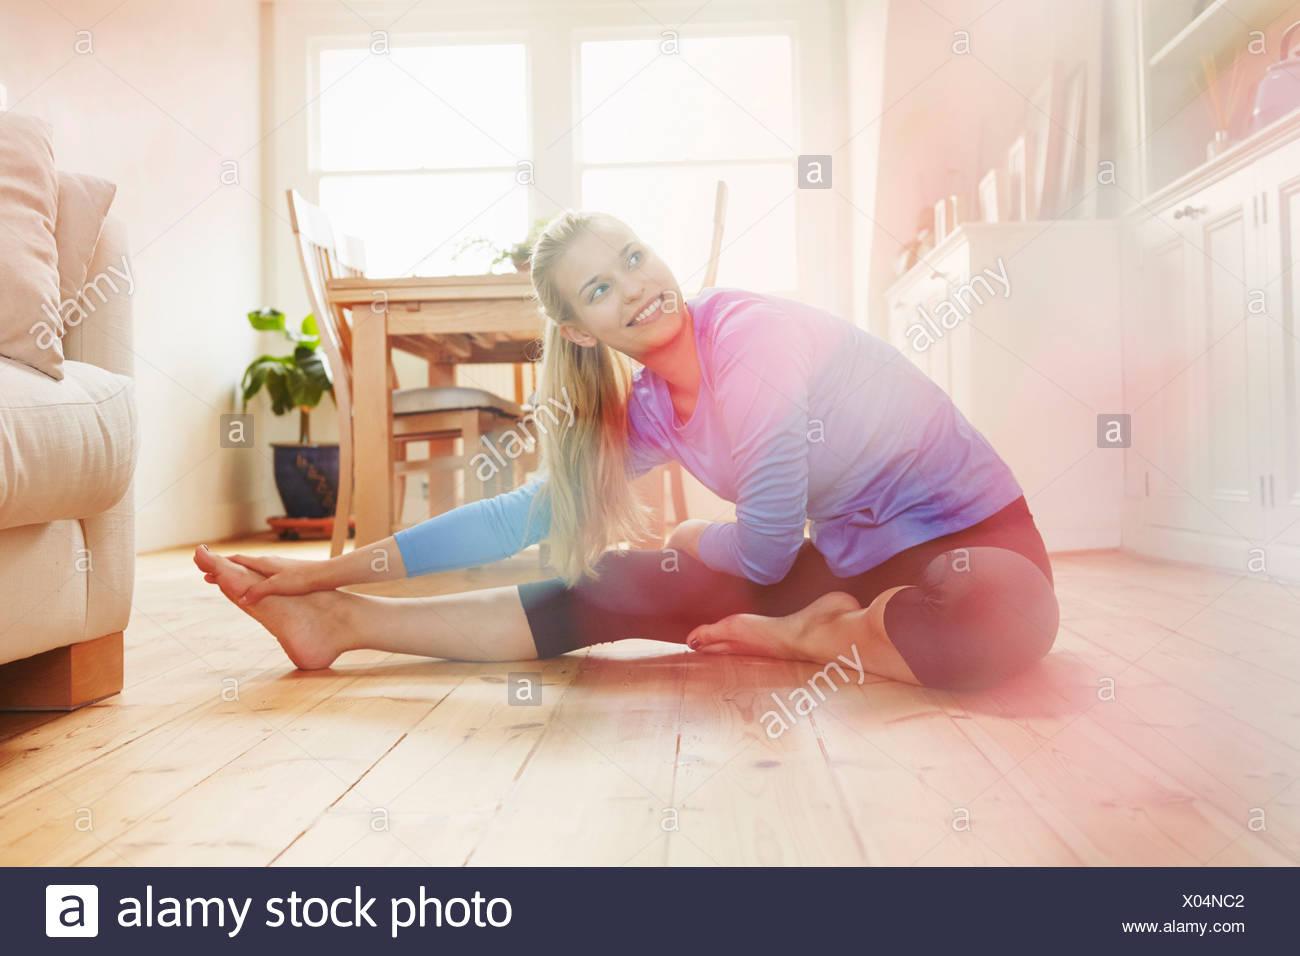 Mujer joven sentada en el suelo vistiendo ropa deportiva, estiramiento Imagen De Stock